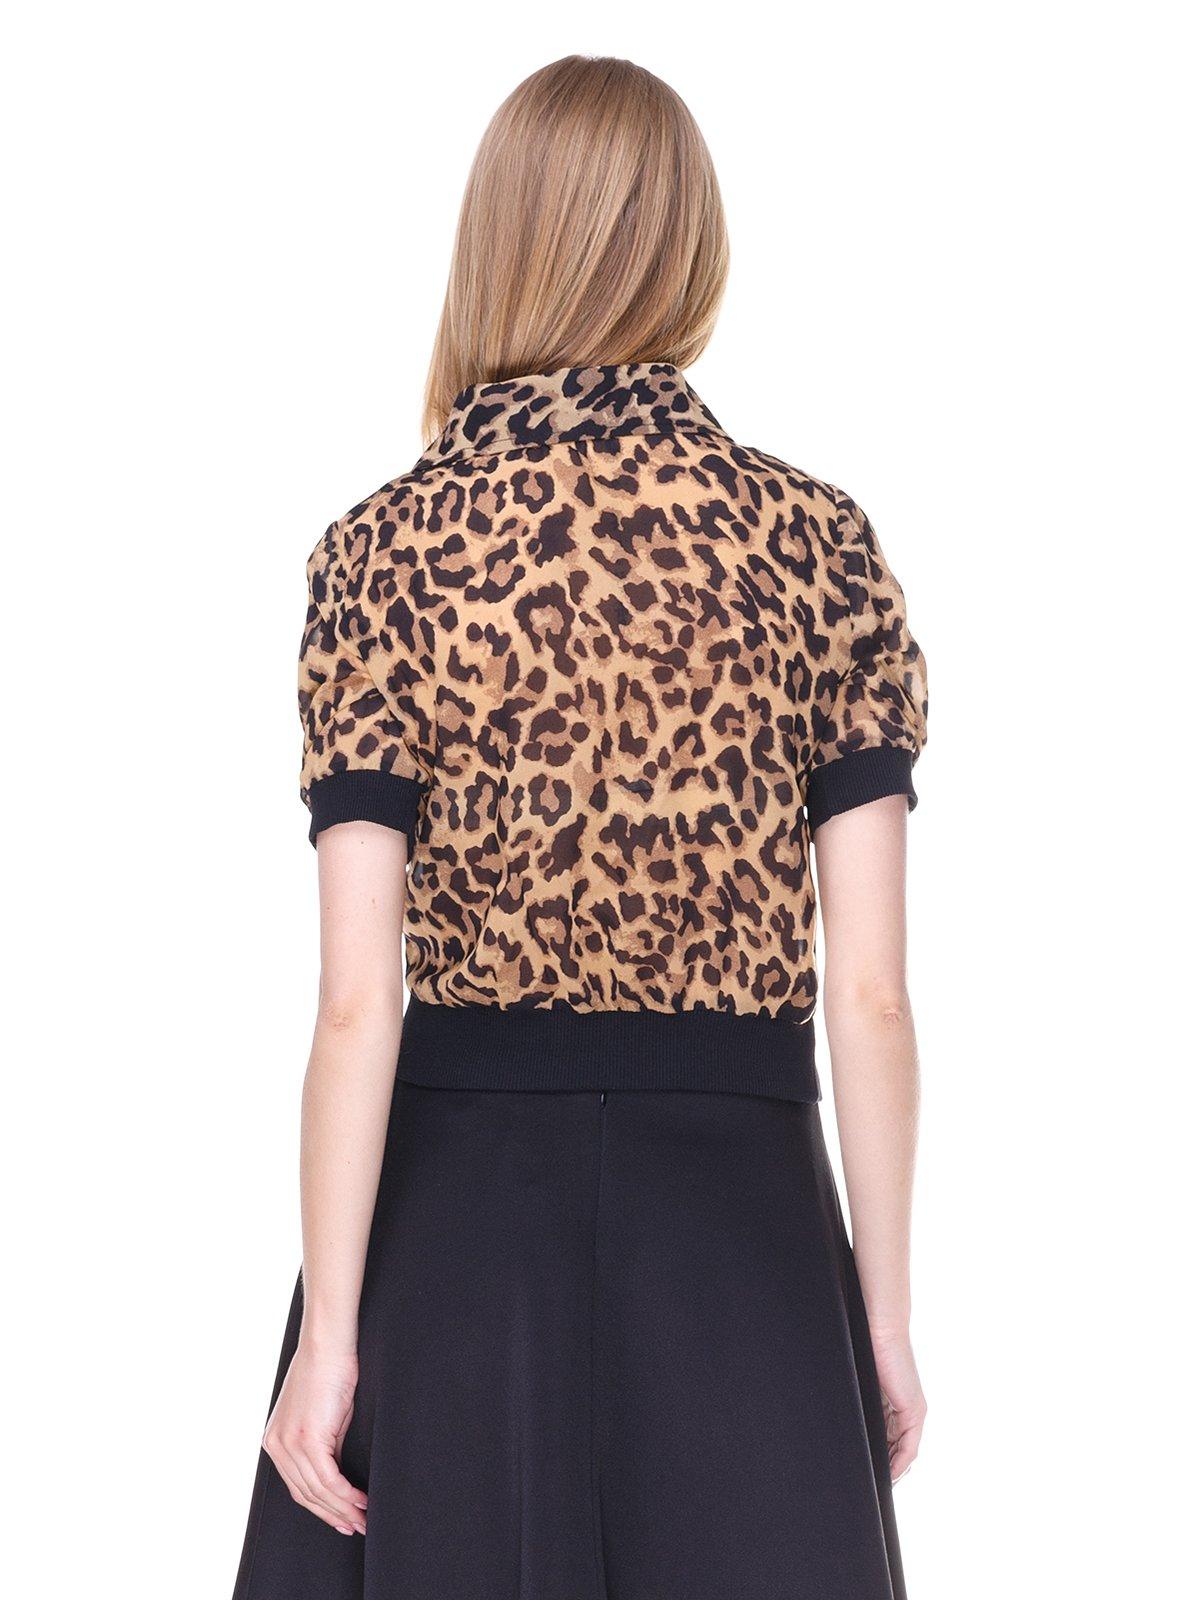 Блуза коричневая с анималистическим принтом | 2273967 | фото 2